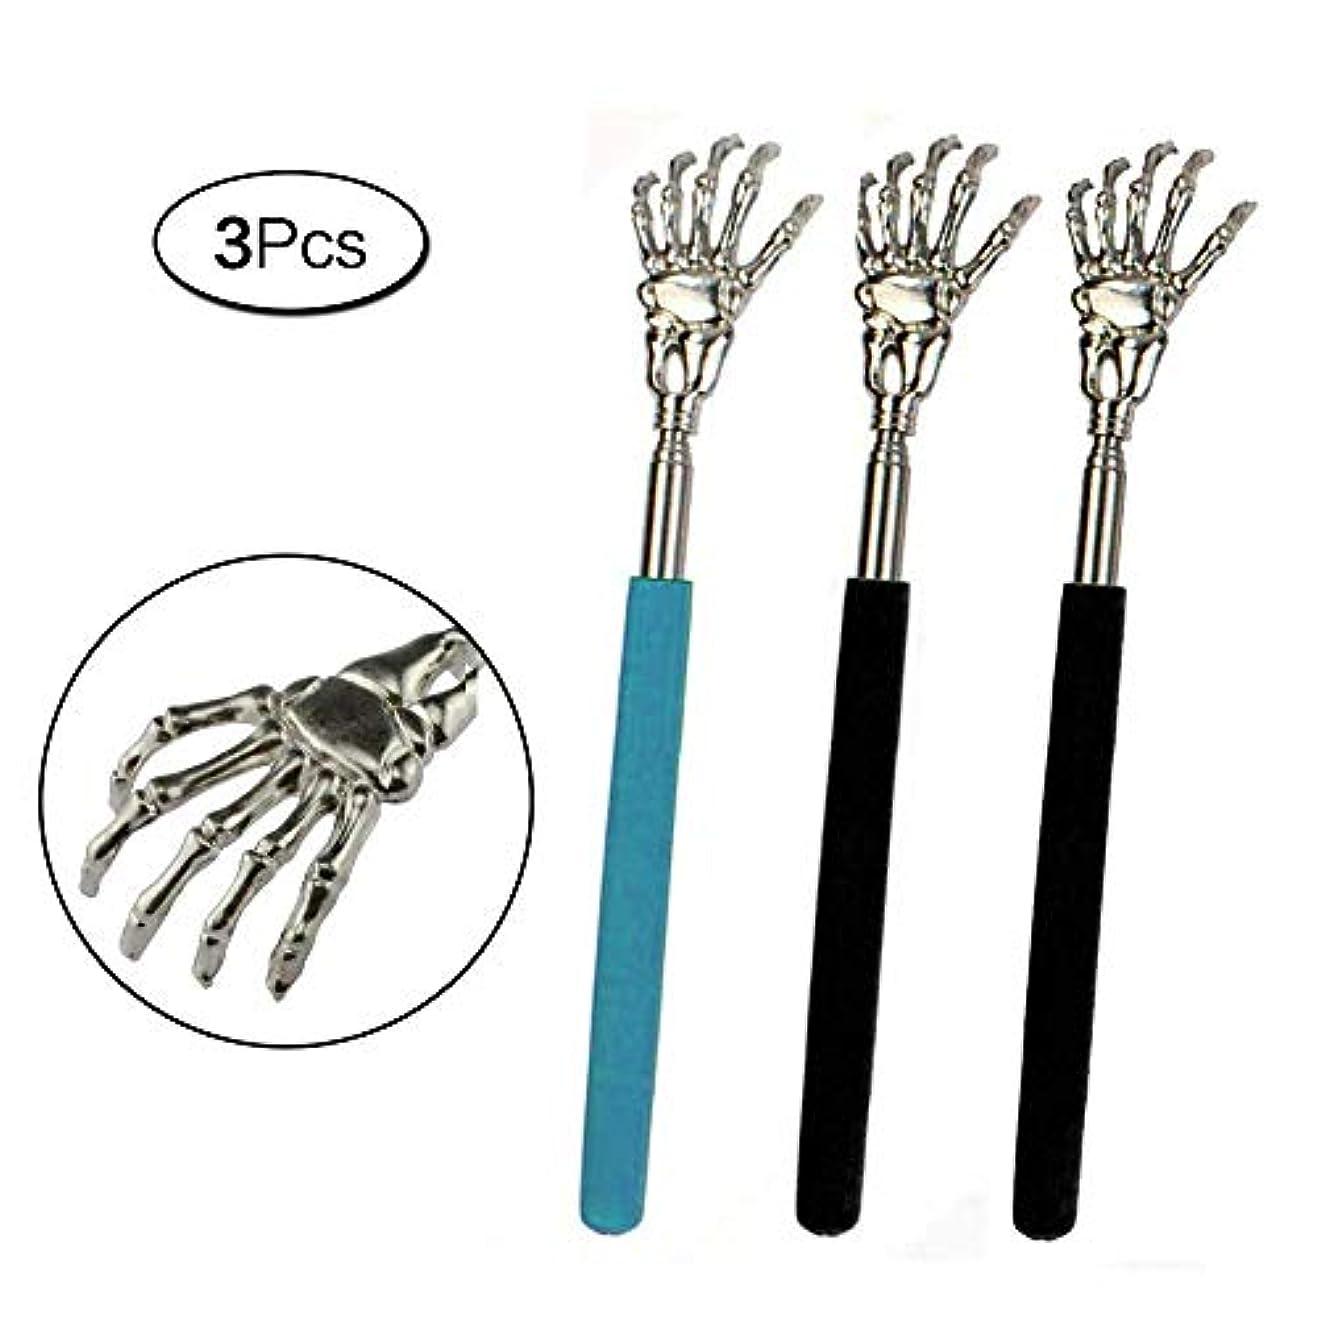 ドット部分的に柔らかさ孫の手 伸びる 高人気鬼爪 ステンレス製 携帯 まごの手 背中掻きブラシ 伸縮自在 3枚入り